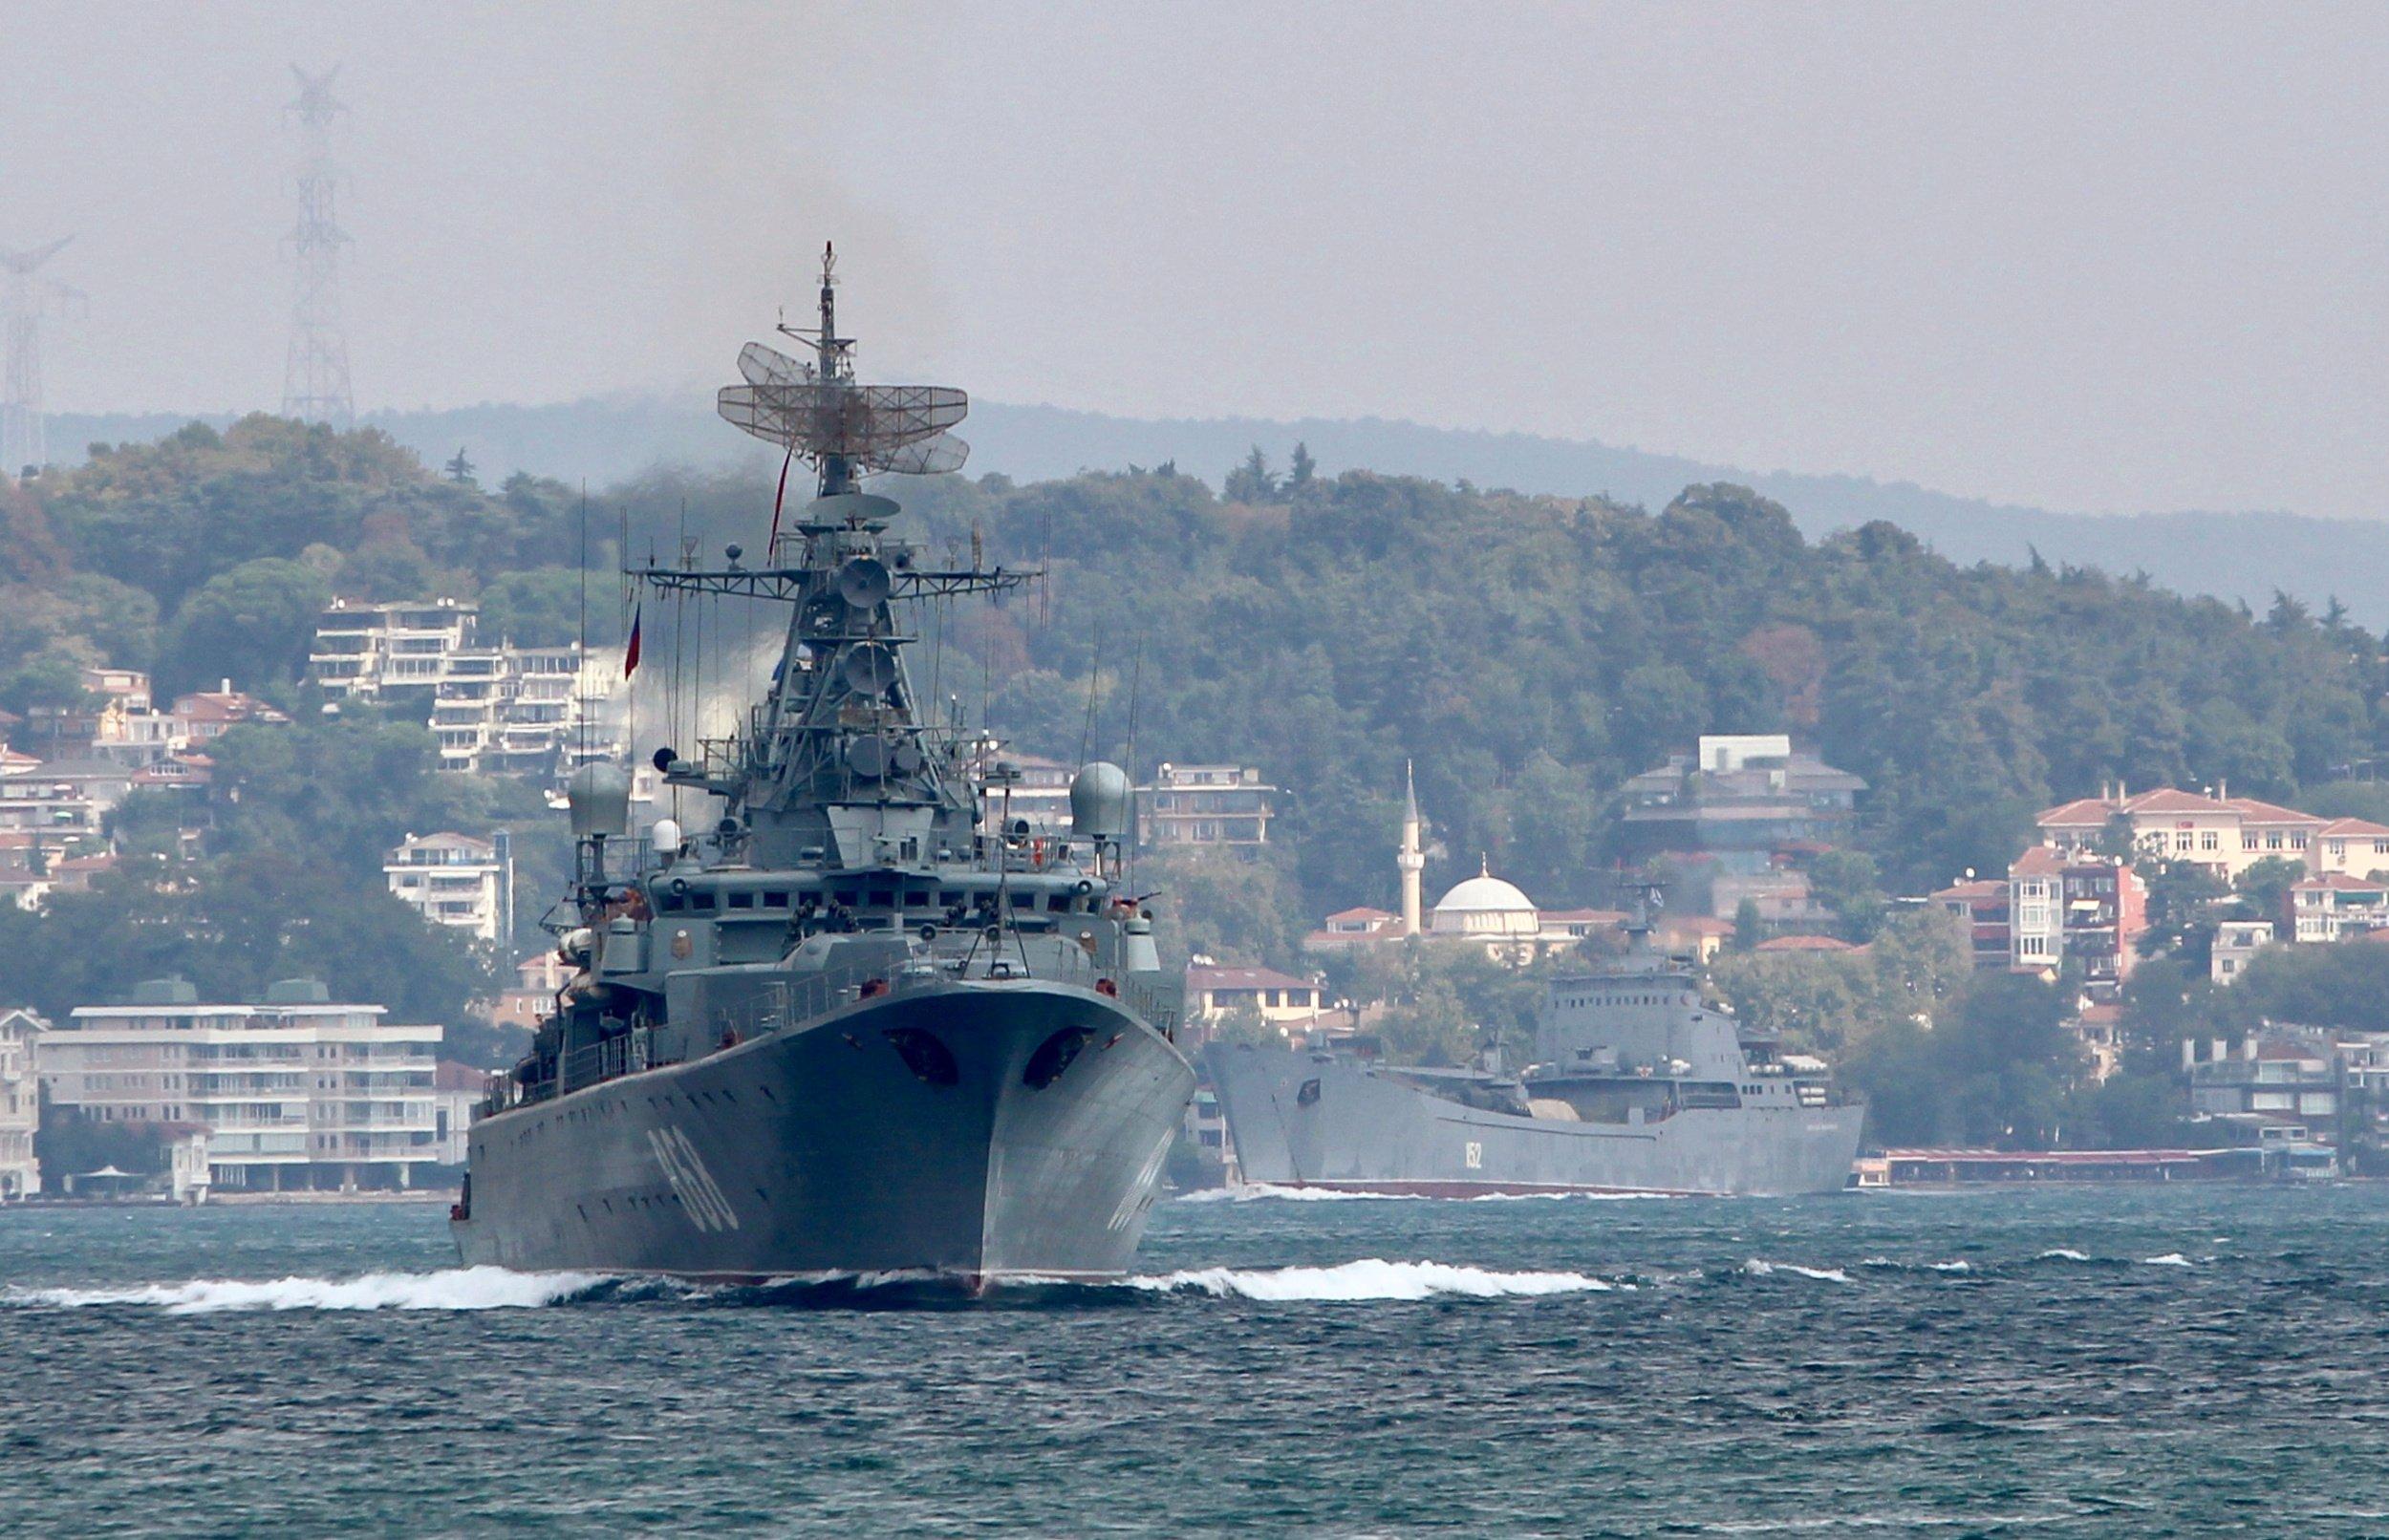 La fregata della marina russa Pytlivy, seguita dalla nave da sbarco Nikolai Filchenkov, naviga nel Bosforo verso Idlib, il 24 agosto 2018. Credits to: Yoruk Isik/Reuters.